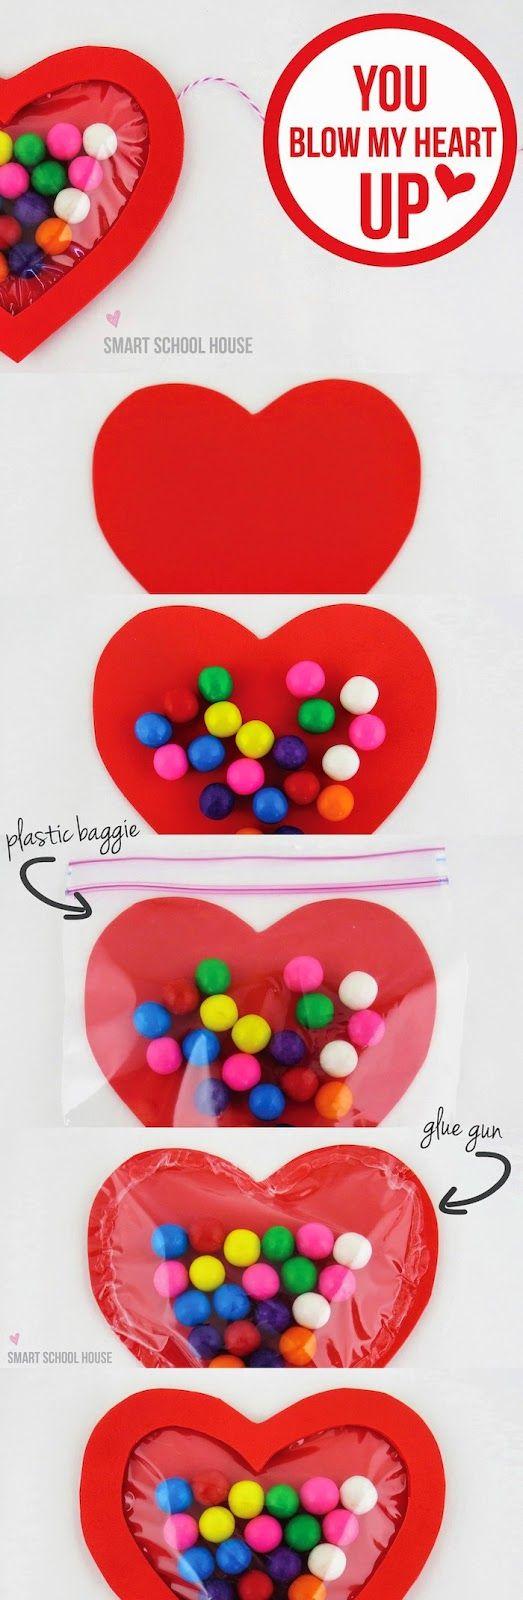 8 ideas DIY muy fáciles para San Valentín   Tarjetas de san valentín para  niños, Bricolaje del día de san valentín, Artesanía de san valentín